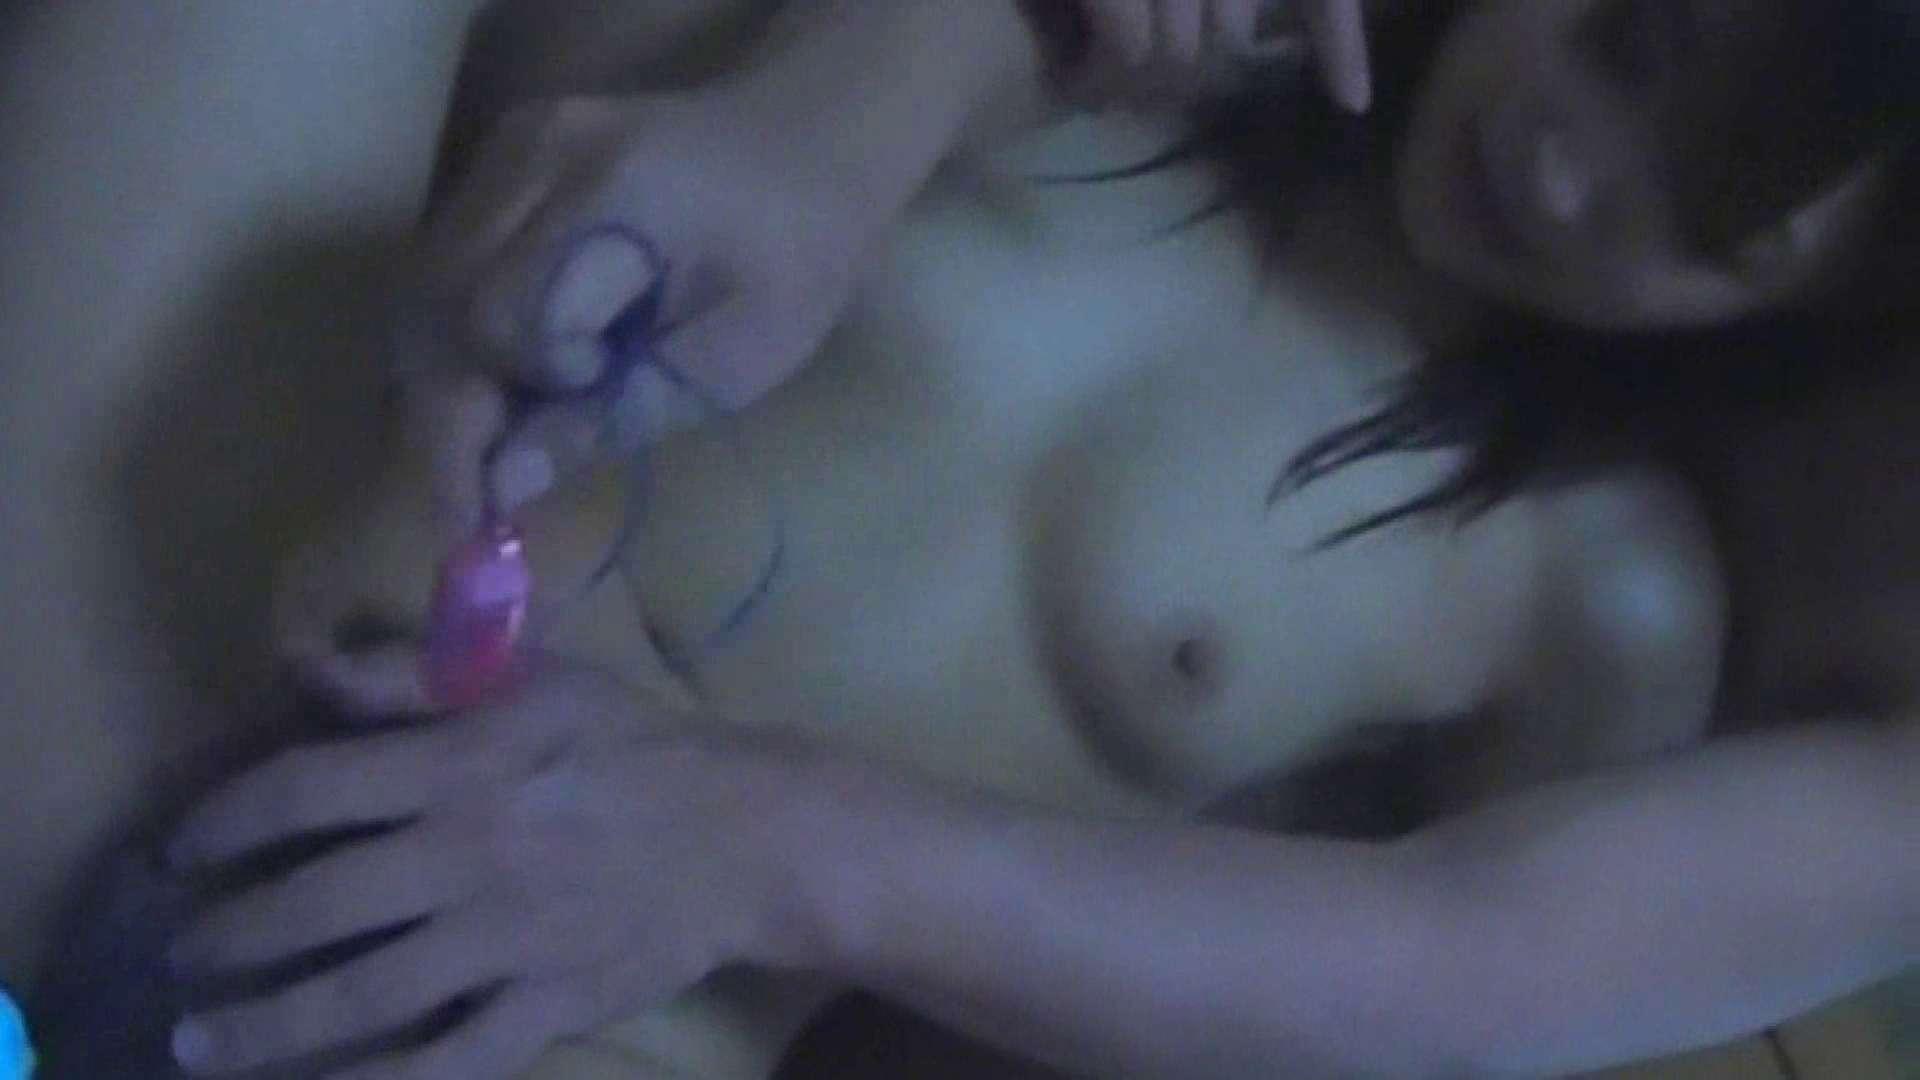 美女だらけのプライベートSEXvol.15前編 流出作品 オメコ動画キャプチャ 79pic 38